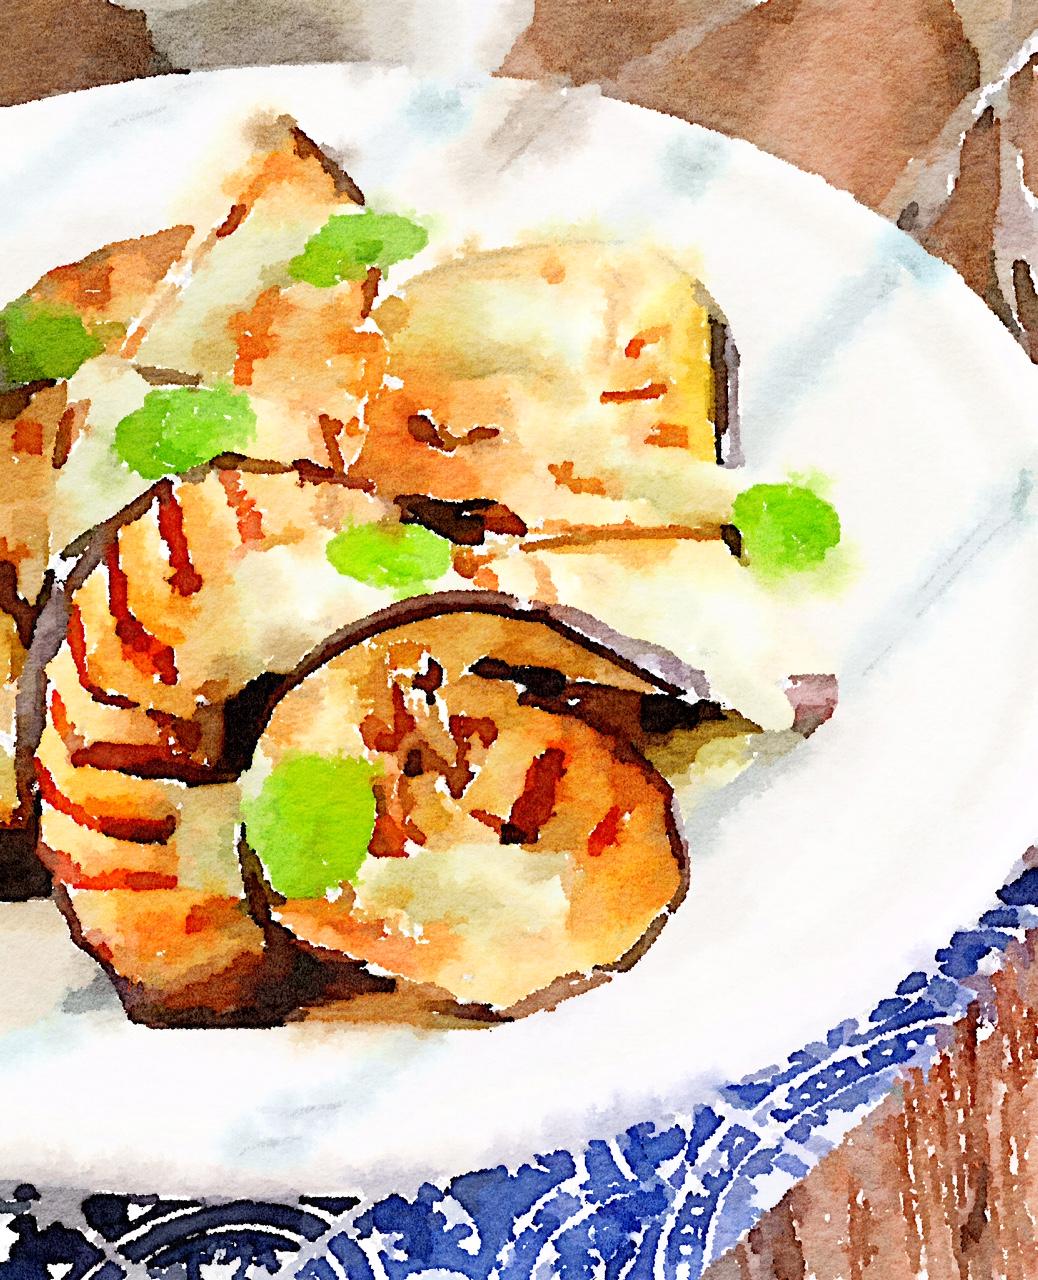 Spicchi di melanzane alla griglia con yogurt greco, olive e menta